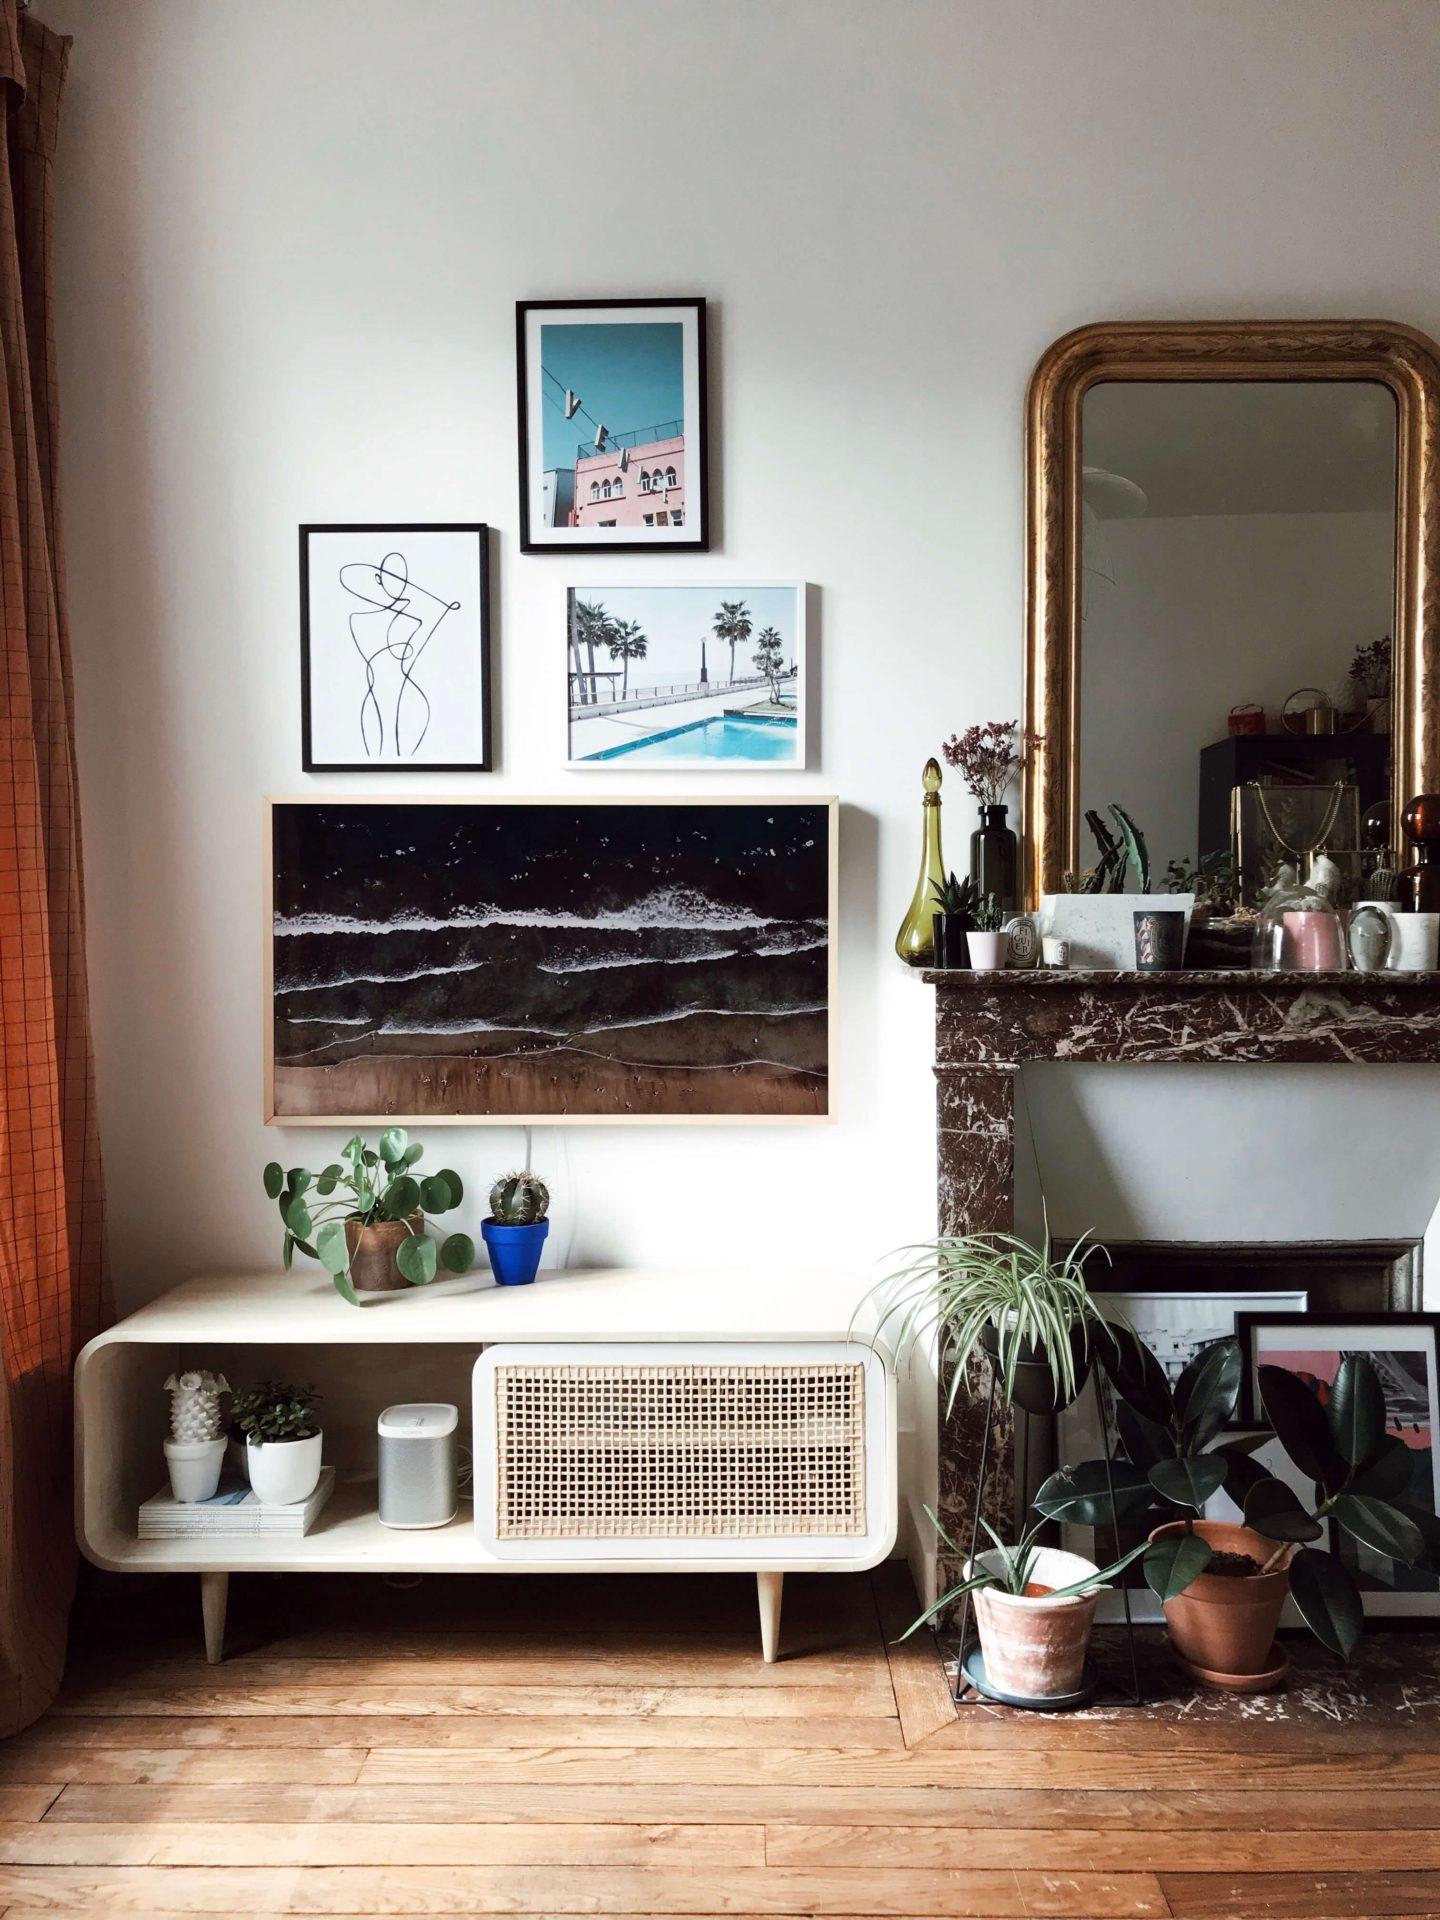 appartement paris Télé The Frame Samsung Meuble en cannage Décoration Paris L'atelier d'al blog mode lifestyle